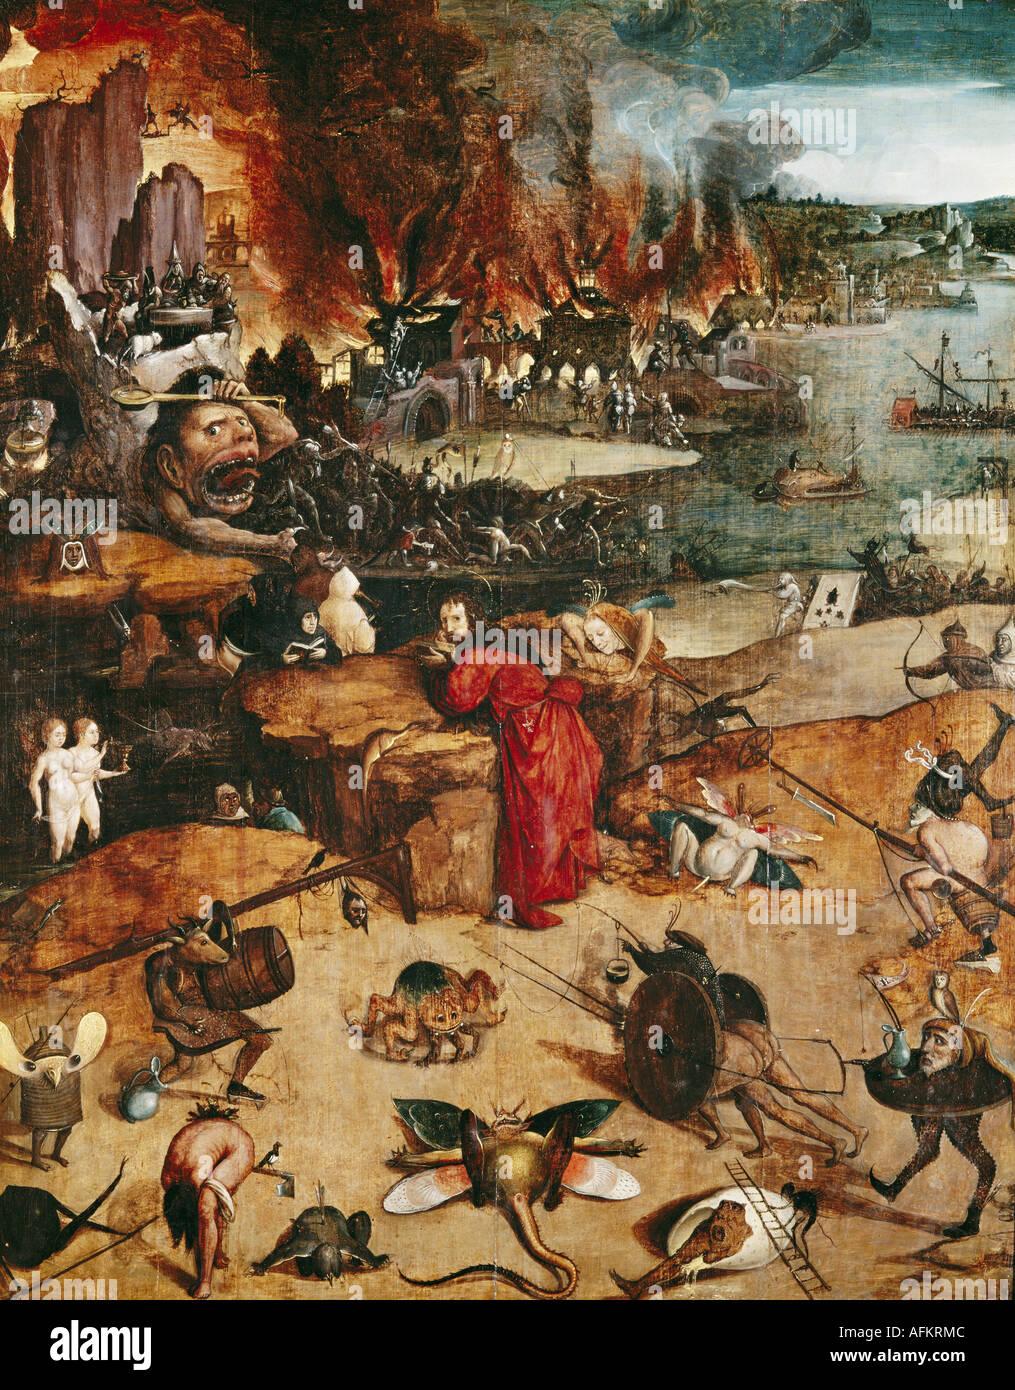 """""""Belle Arti, Bosch Hieronymus (circa 1450 - 1516), pittura, """"la tentazione di Sant Antonio', Prado, Madrid, Spagna, Europa Foto Stock"""